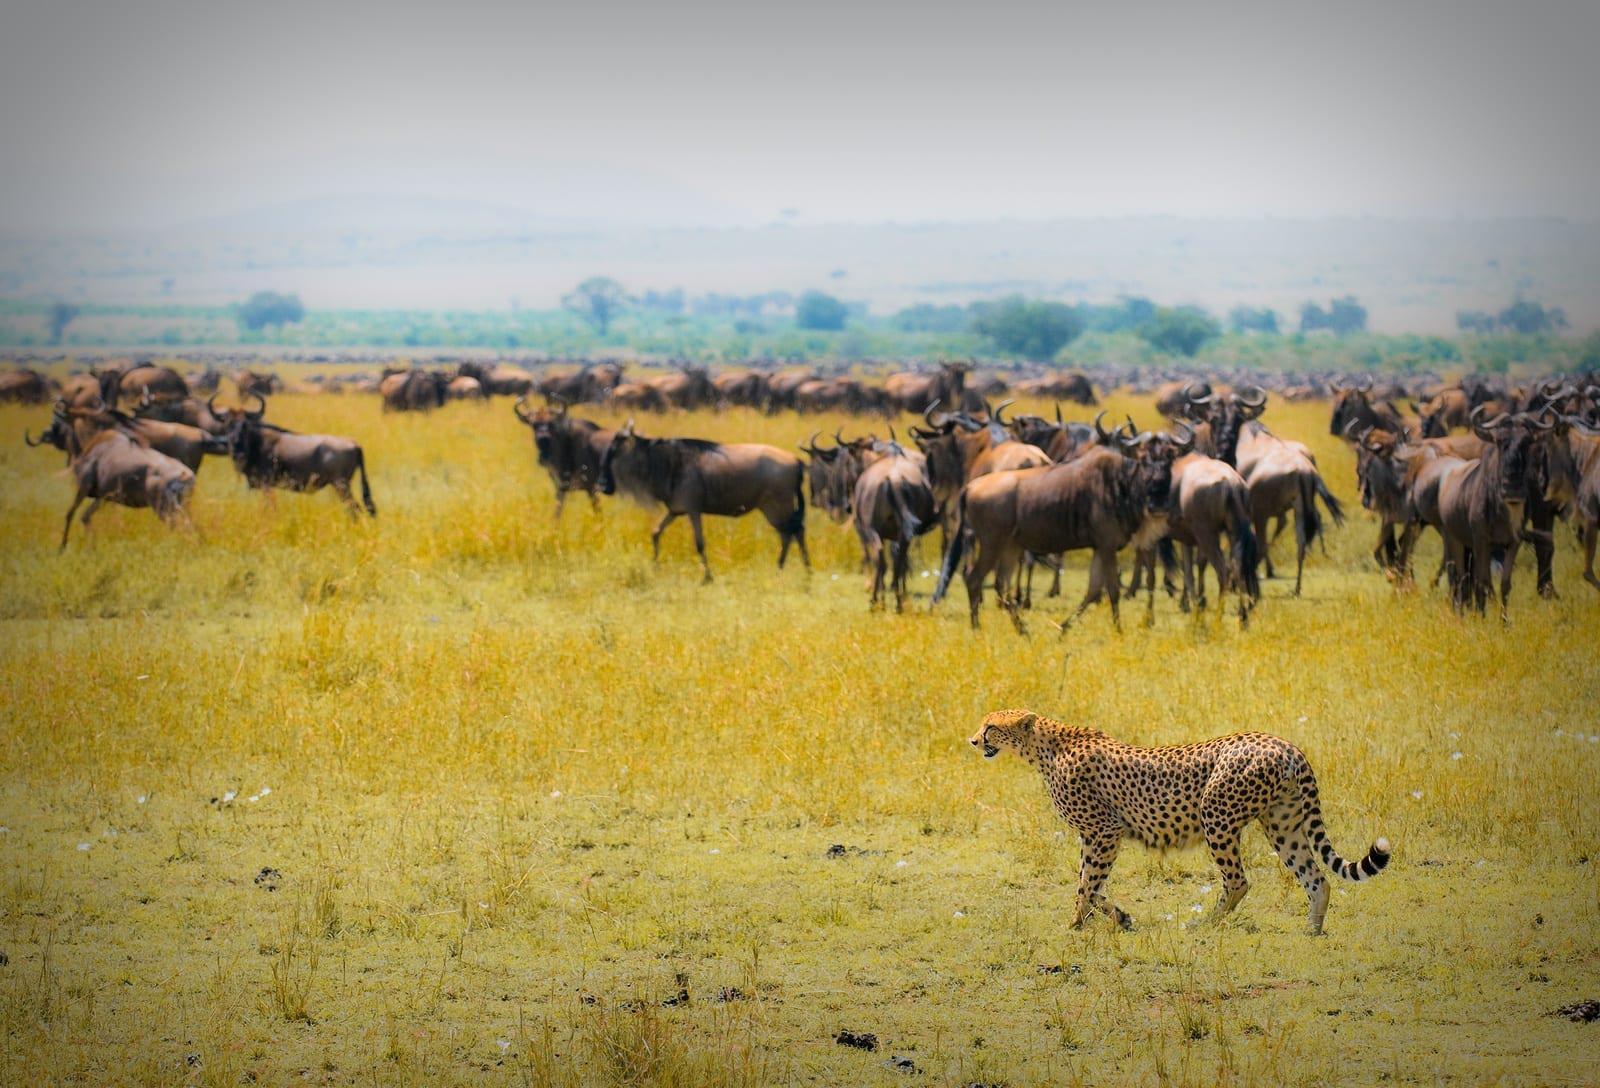 Mara-Naboisho Conservancy